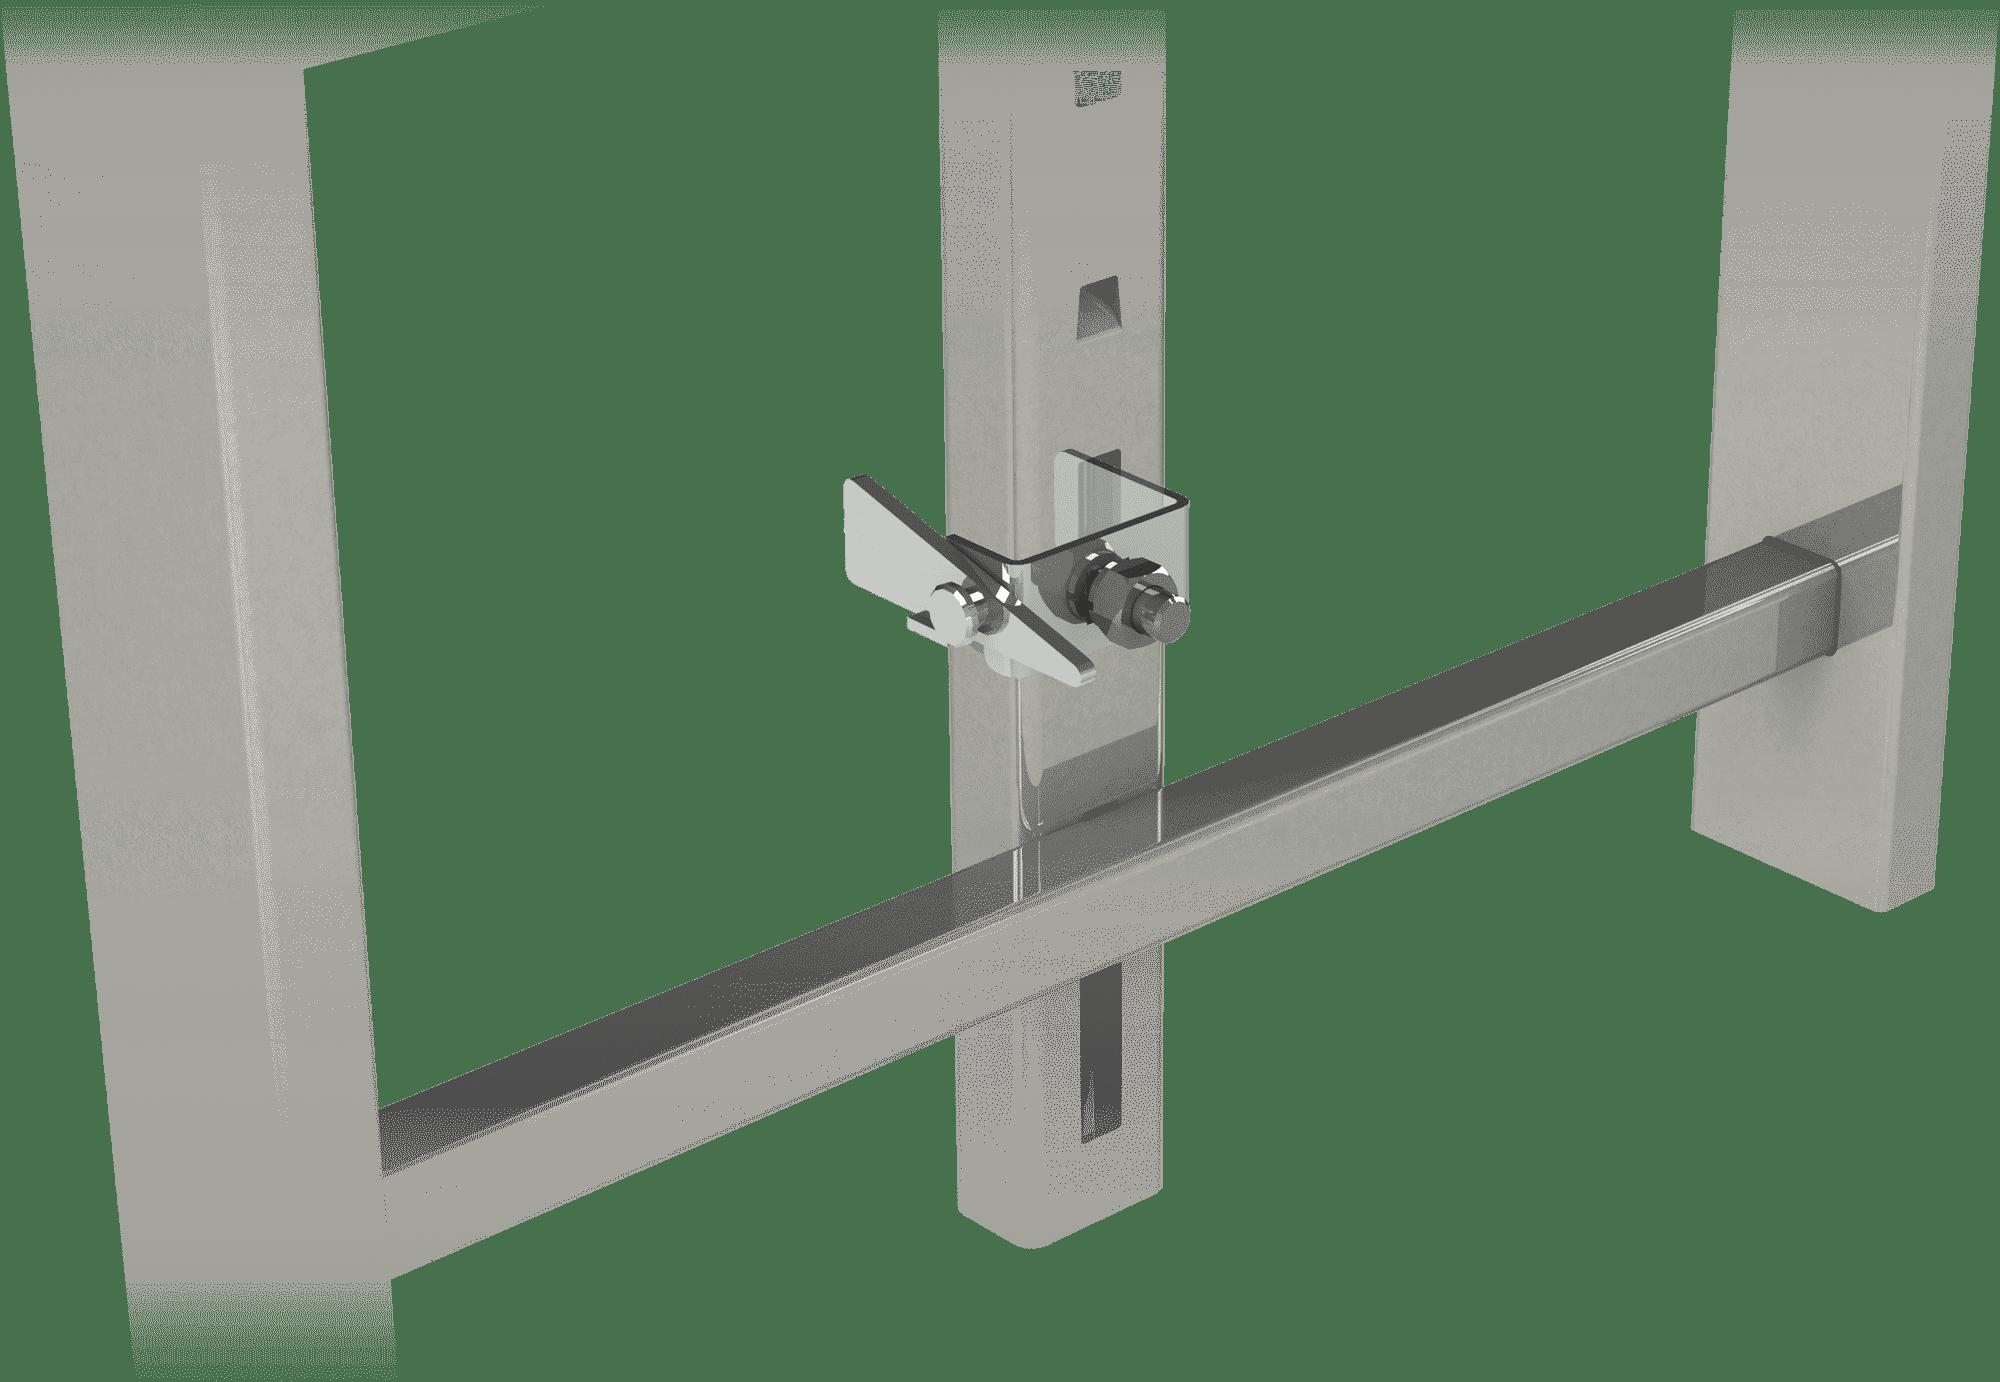 zámok kolajnice na rebríku - protipádová ochrana